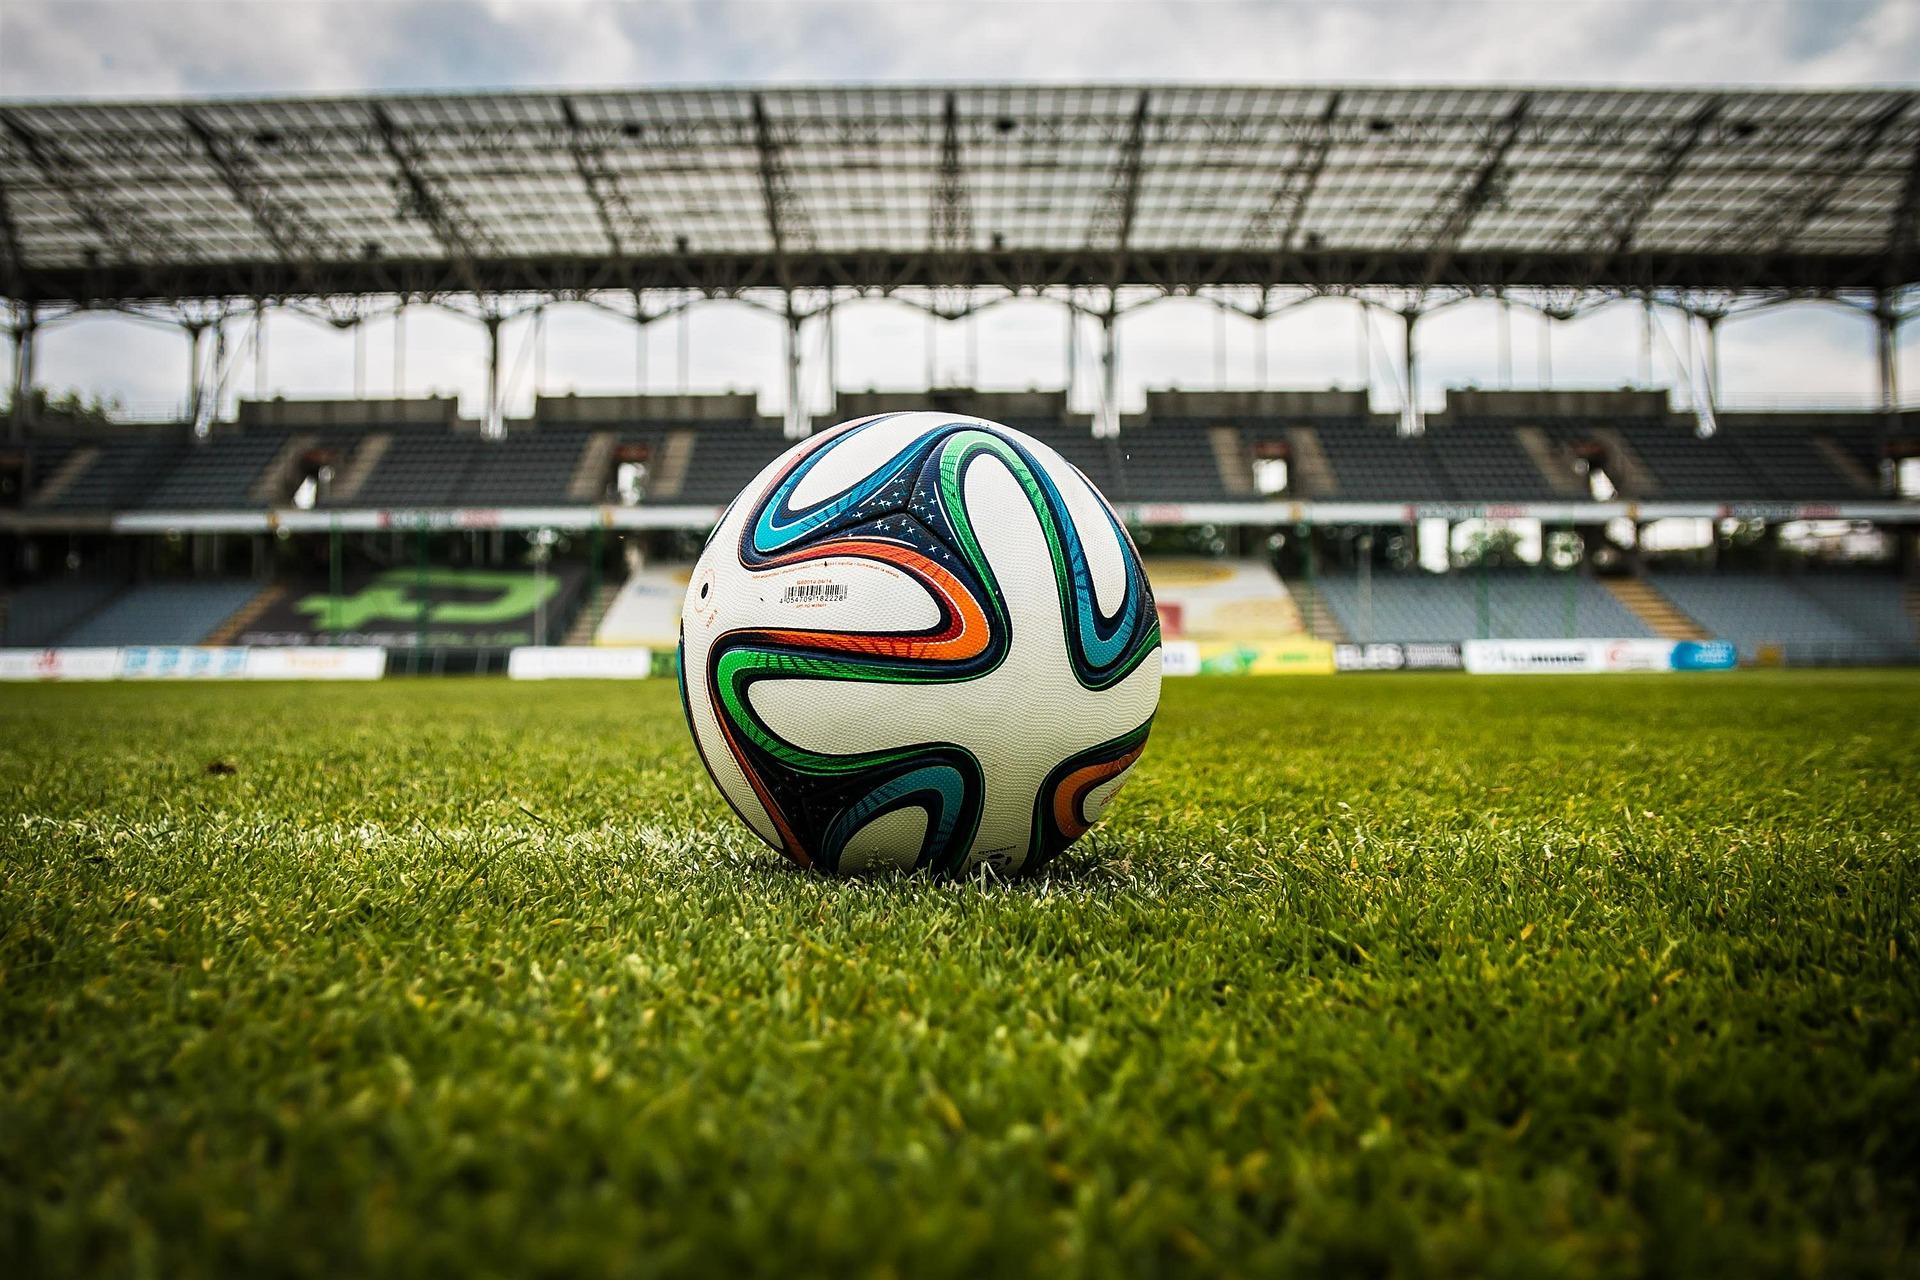 Fotbal, stadion, ilustrační foto